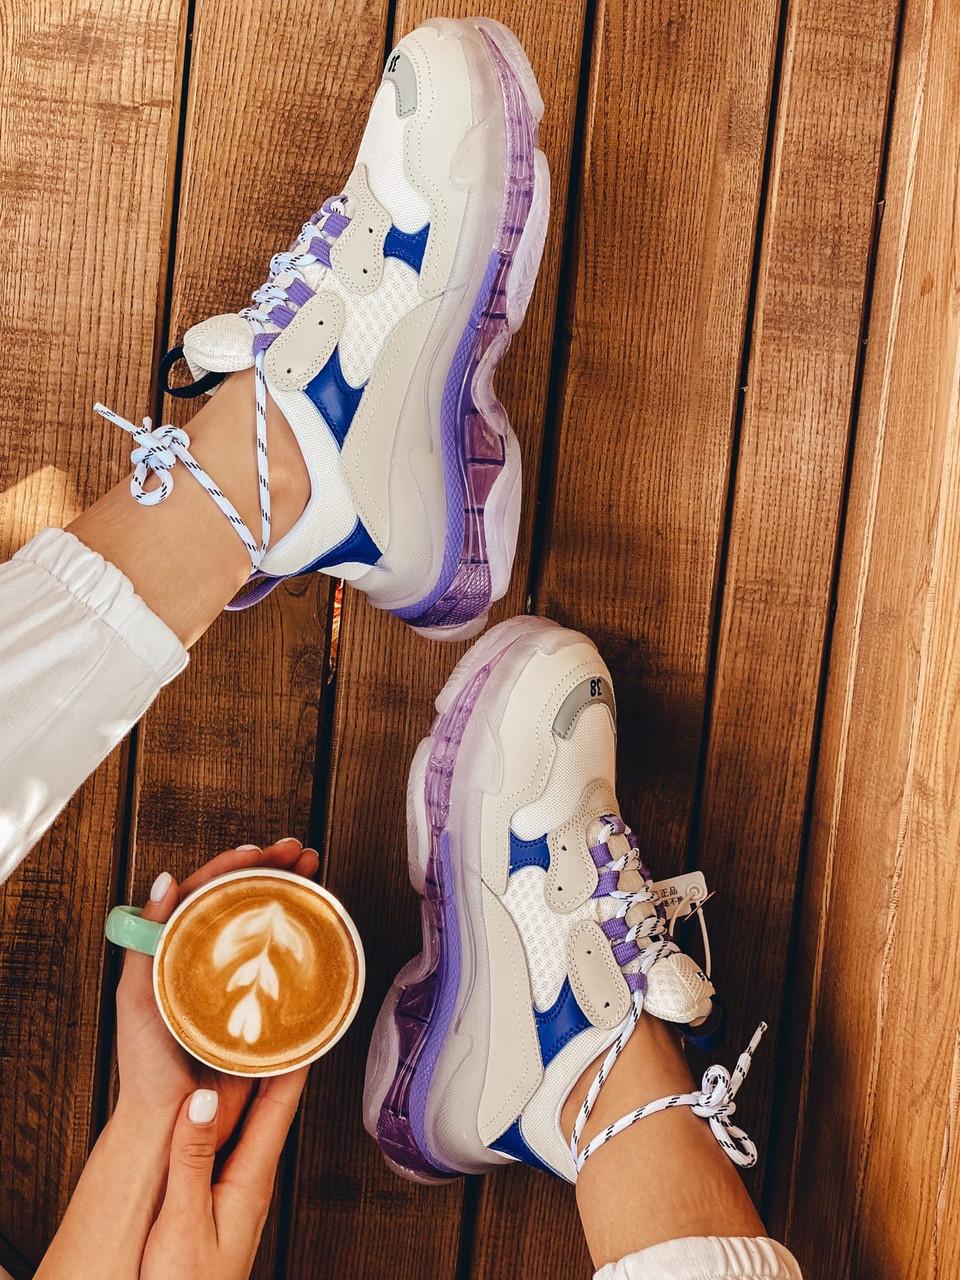 Кроссовки женские Balenciaga Triple S white purple бело-фиолетовые 39 разм